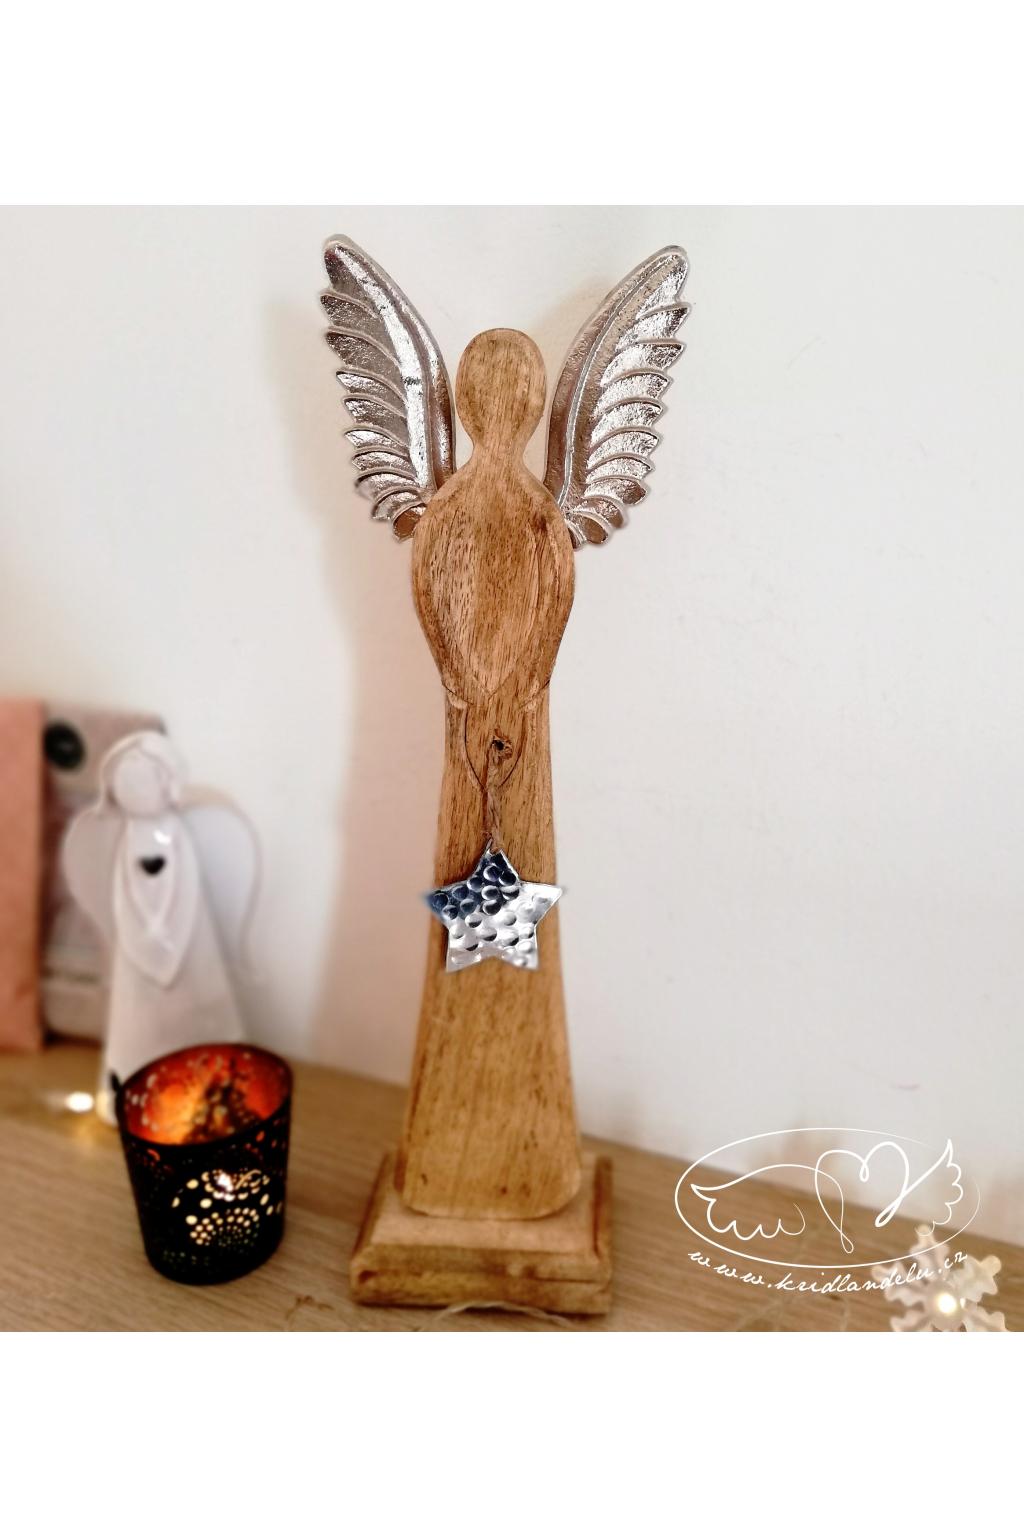 Anděl kovový - Nebeský posel světla 37cm